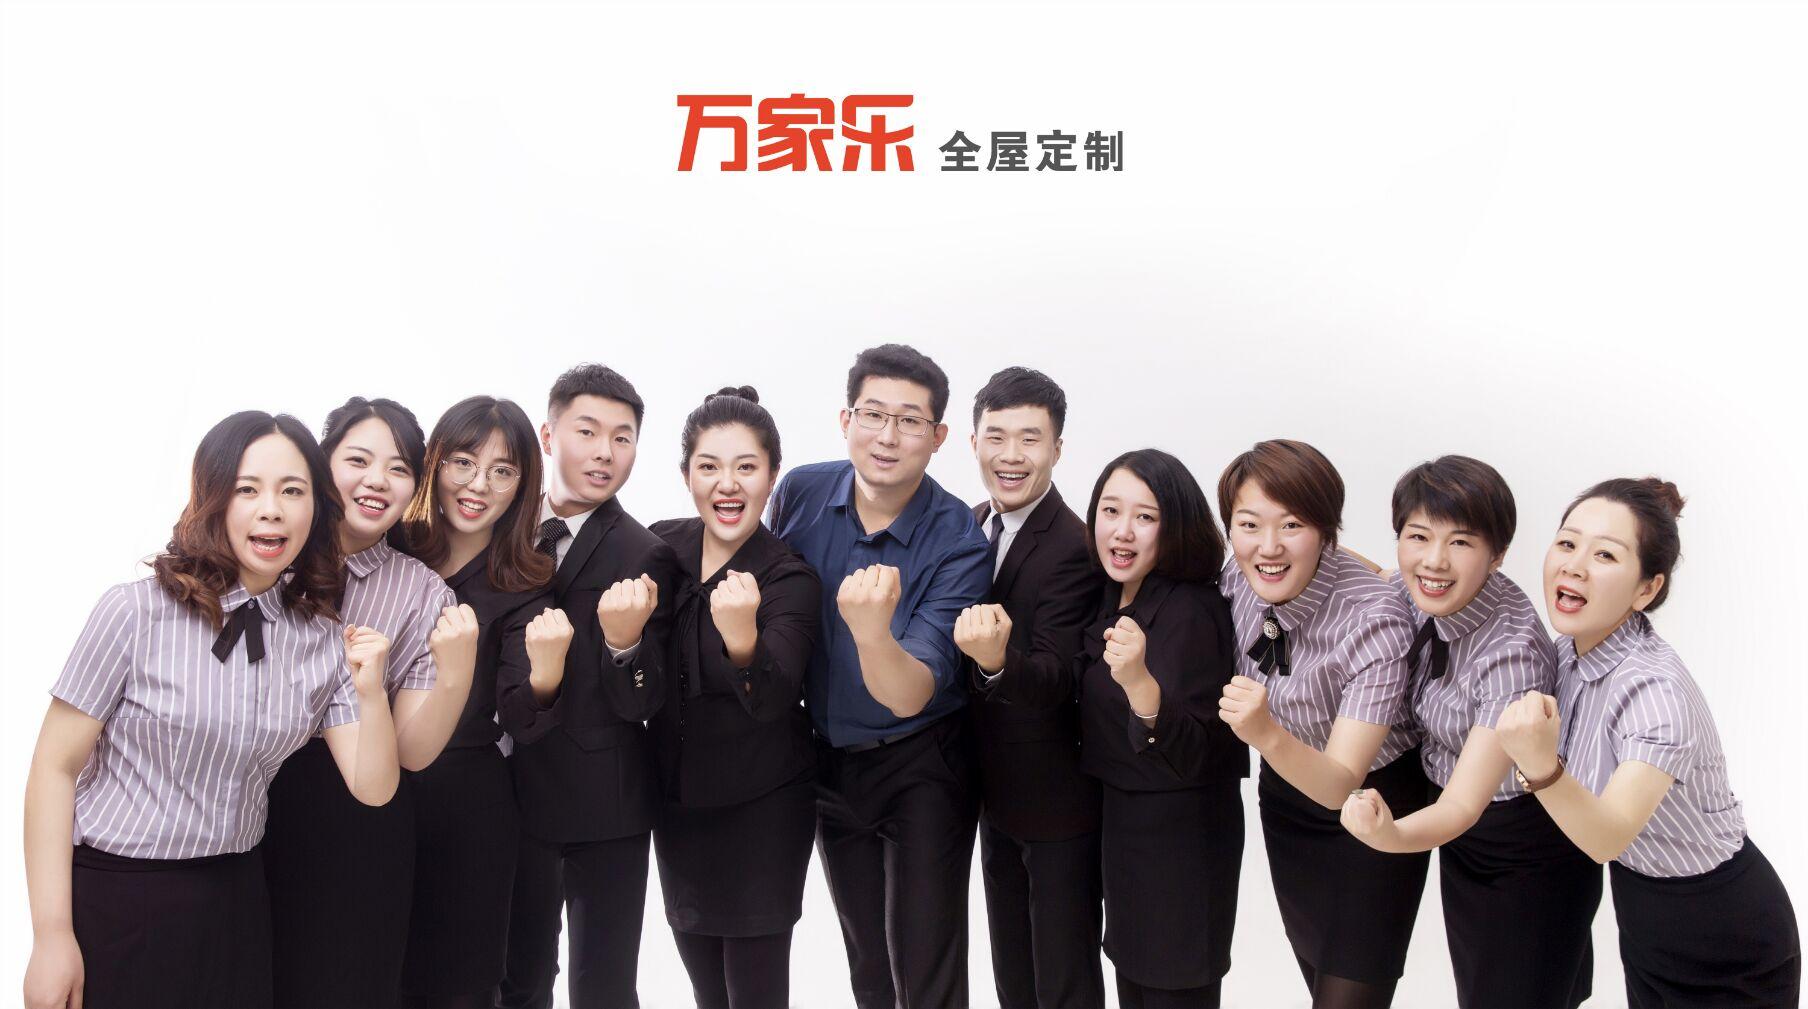 河北涿州亚博体育网页版登录入口亚博体育网页加盟店团队1